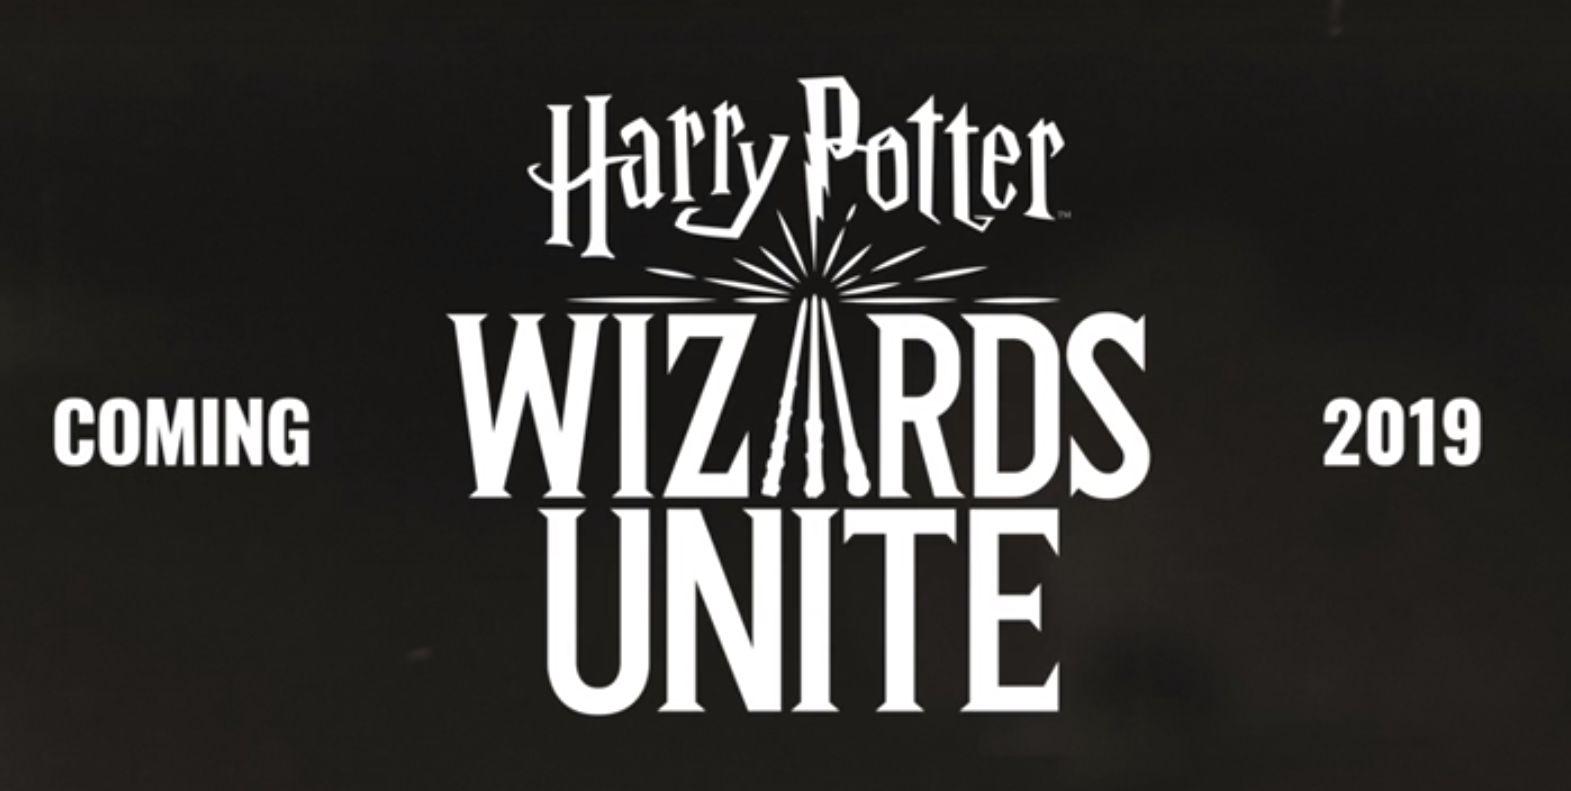 「哈利波特:巫師同盟」計劃於明年3月發佈,它比Pokemon GO 更厲害的是這次使用了最先進的增強現實技術,是更現實的手機遊戲。